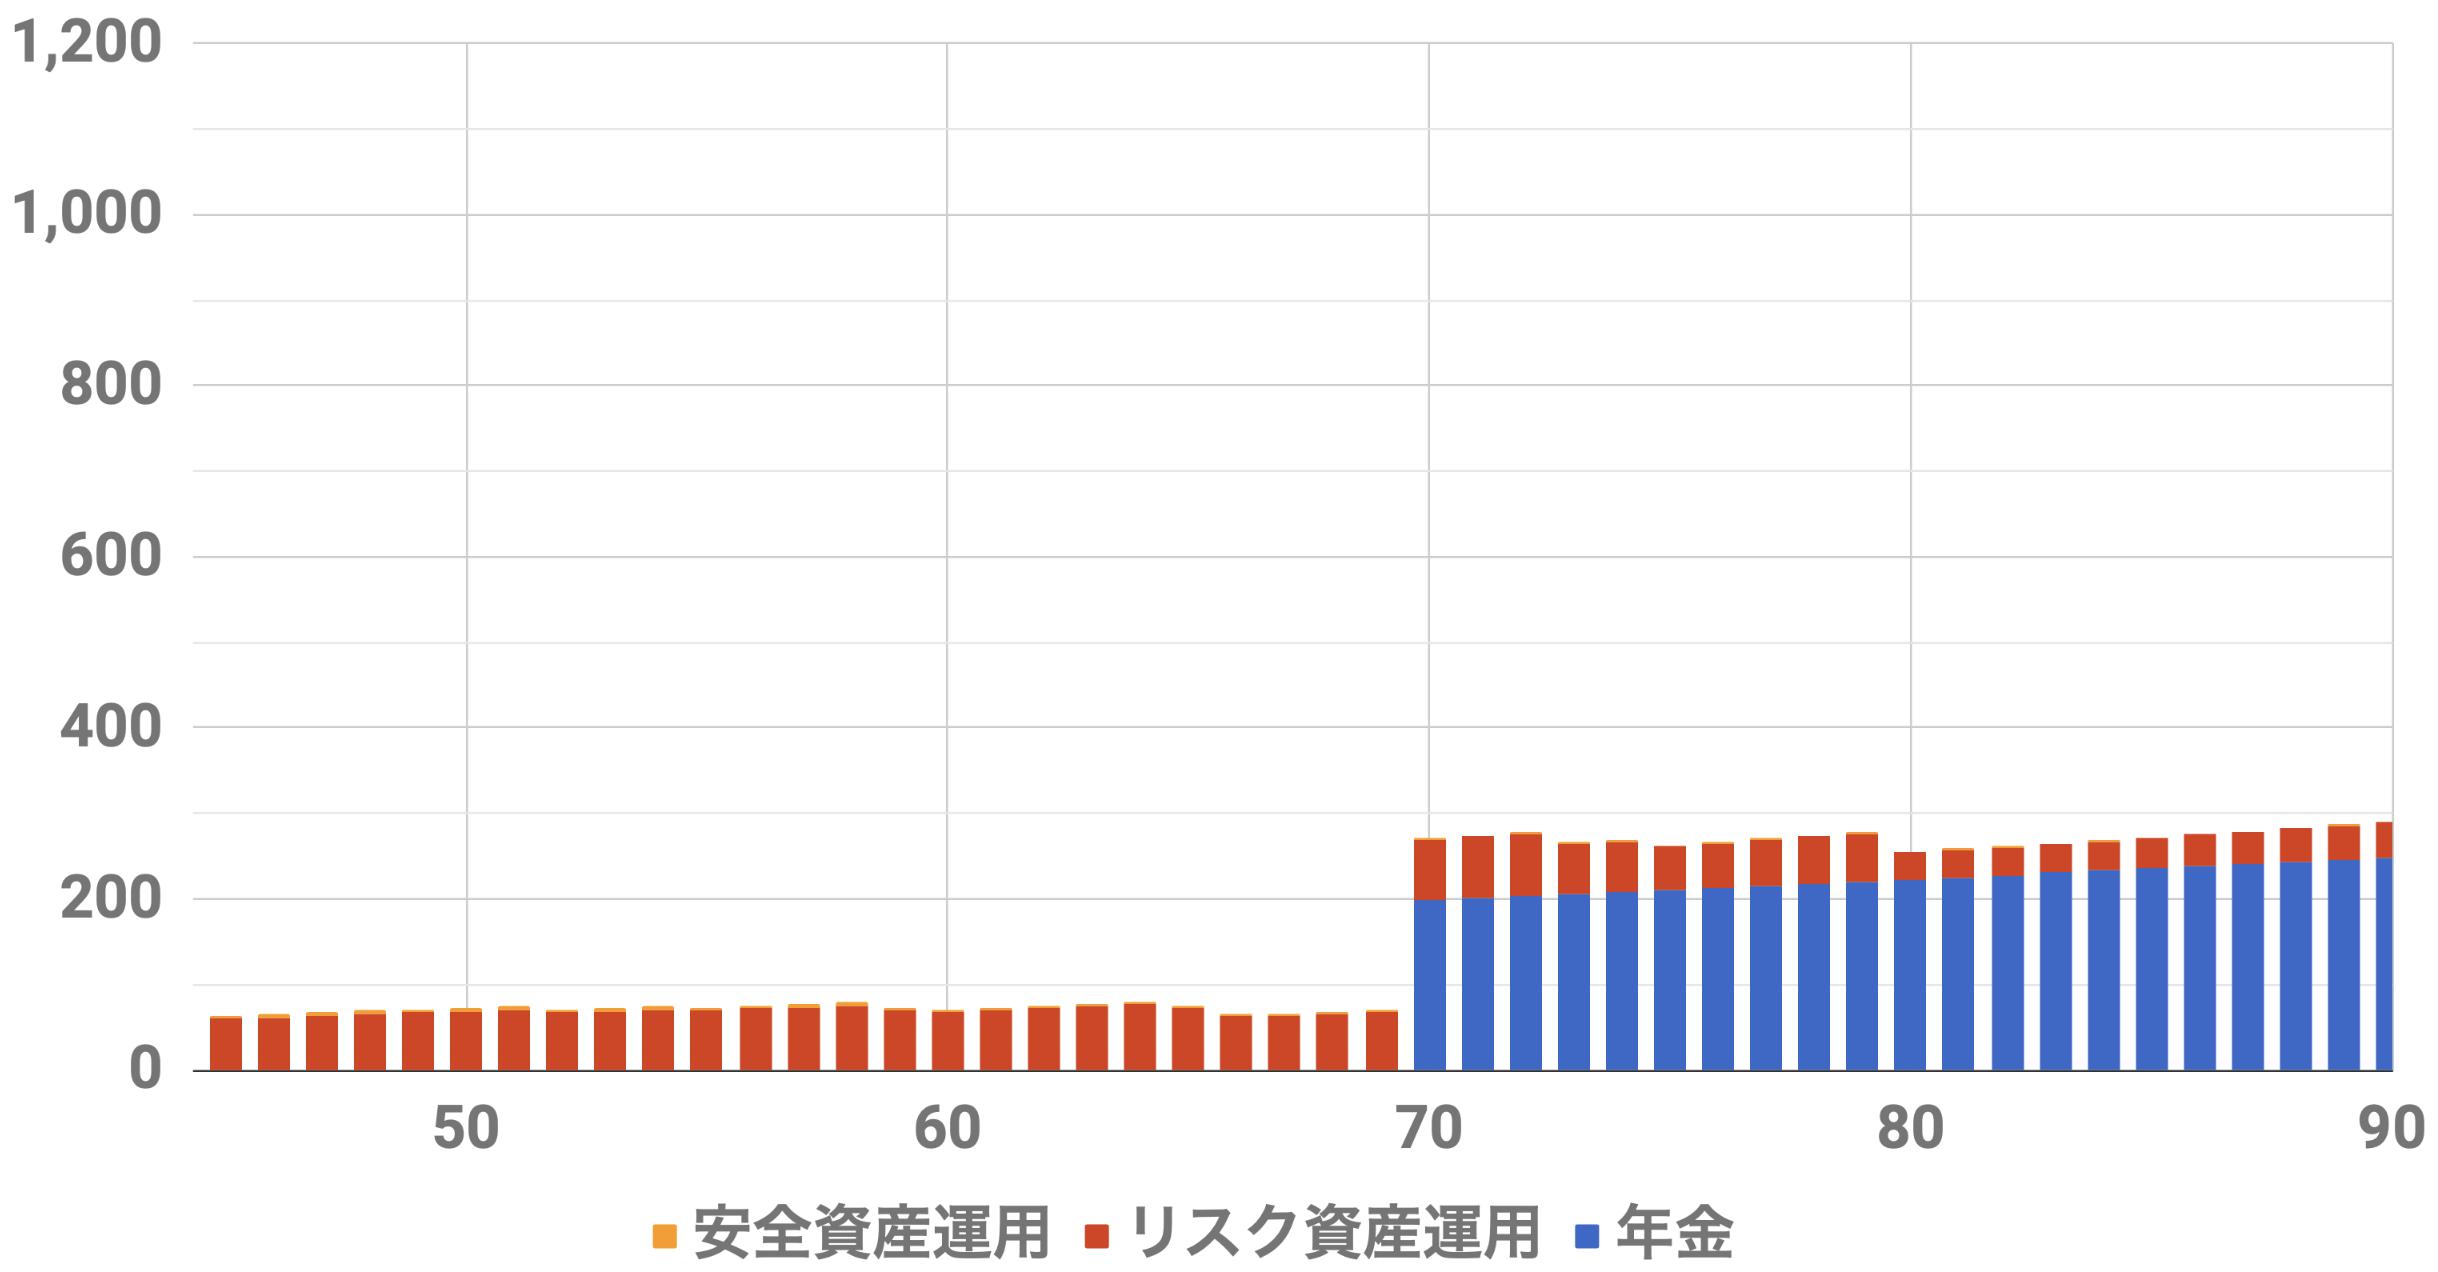 45歳1億円収入シミュレーション(Level3)インフレ率2%利率3%連続増配率3%リスク資金2000万